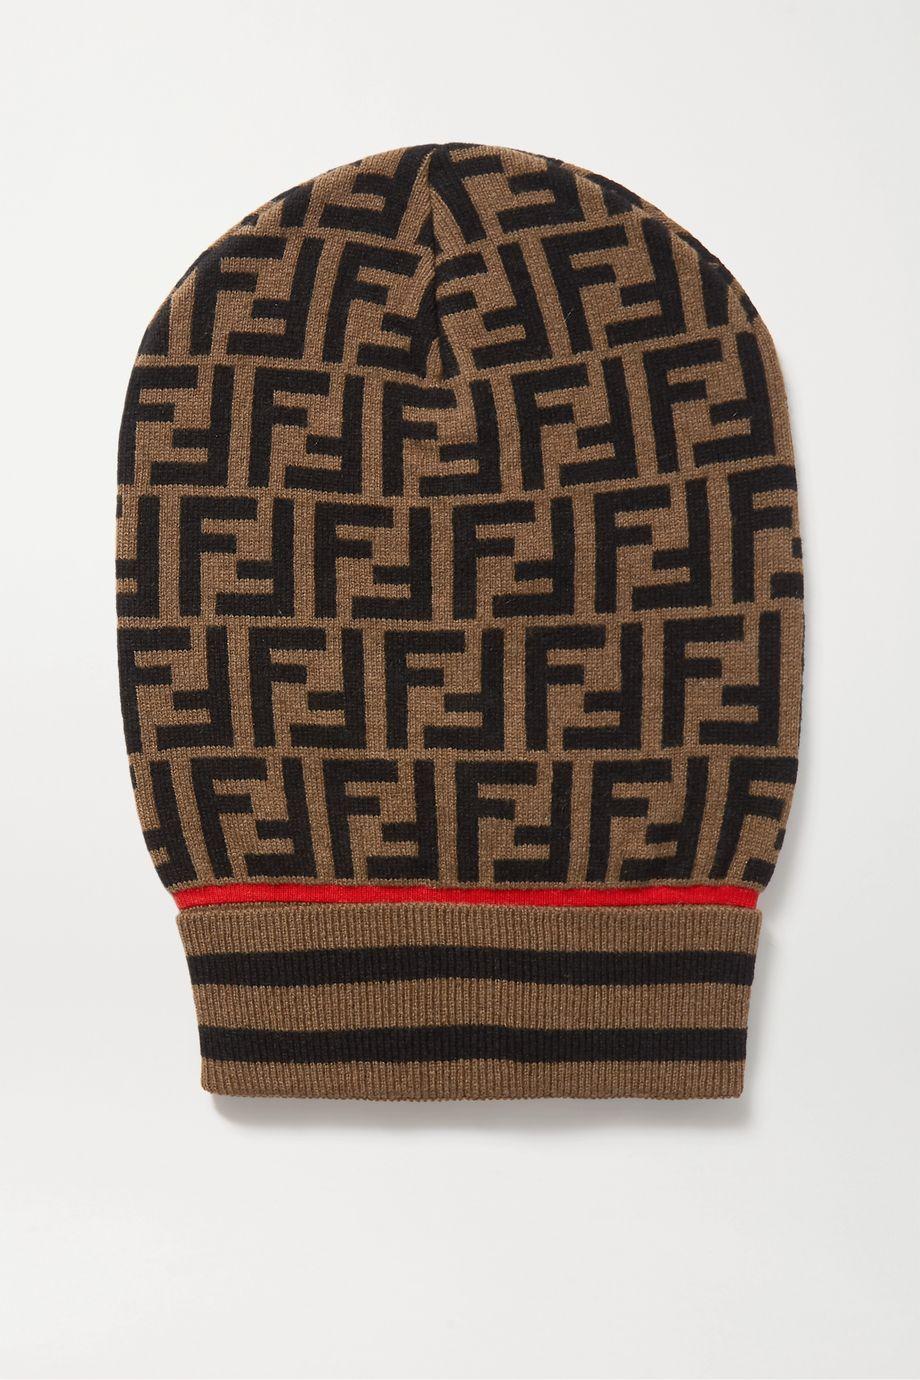 Fendi Intarsia cashmere and wool-blend beanie